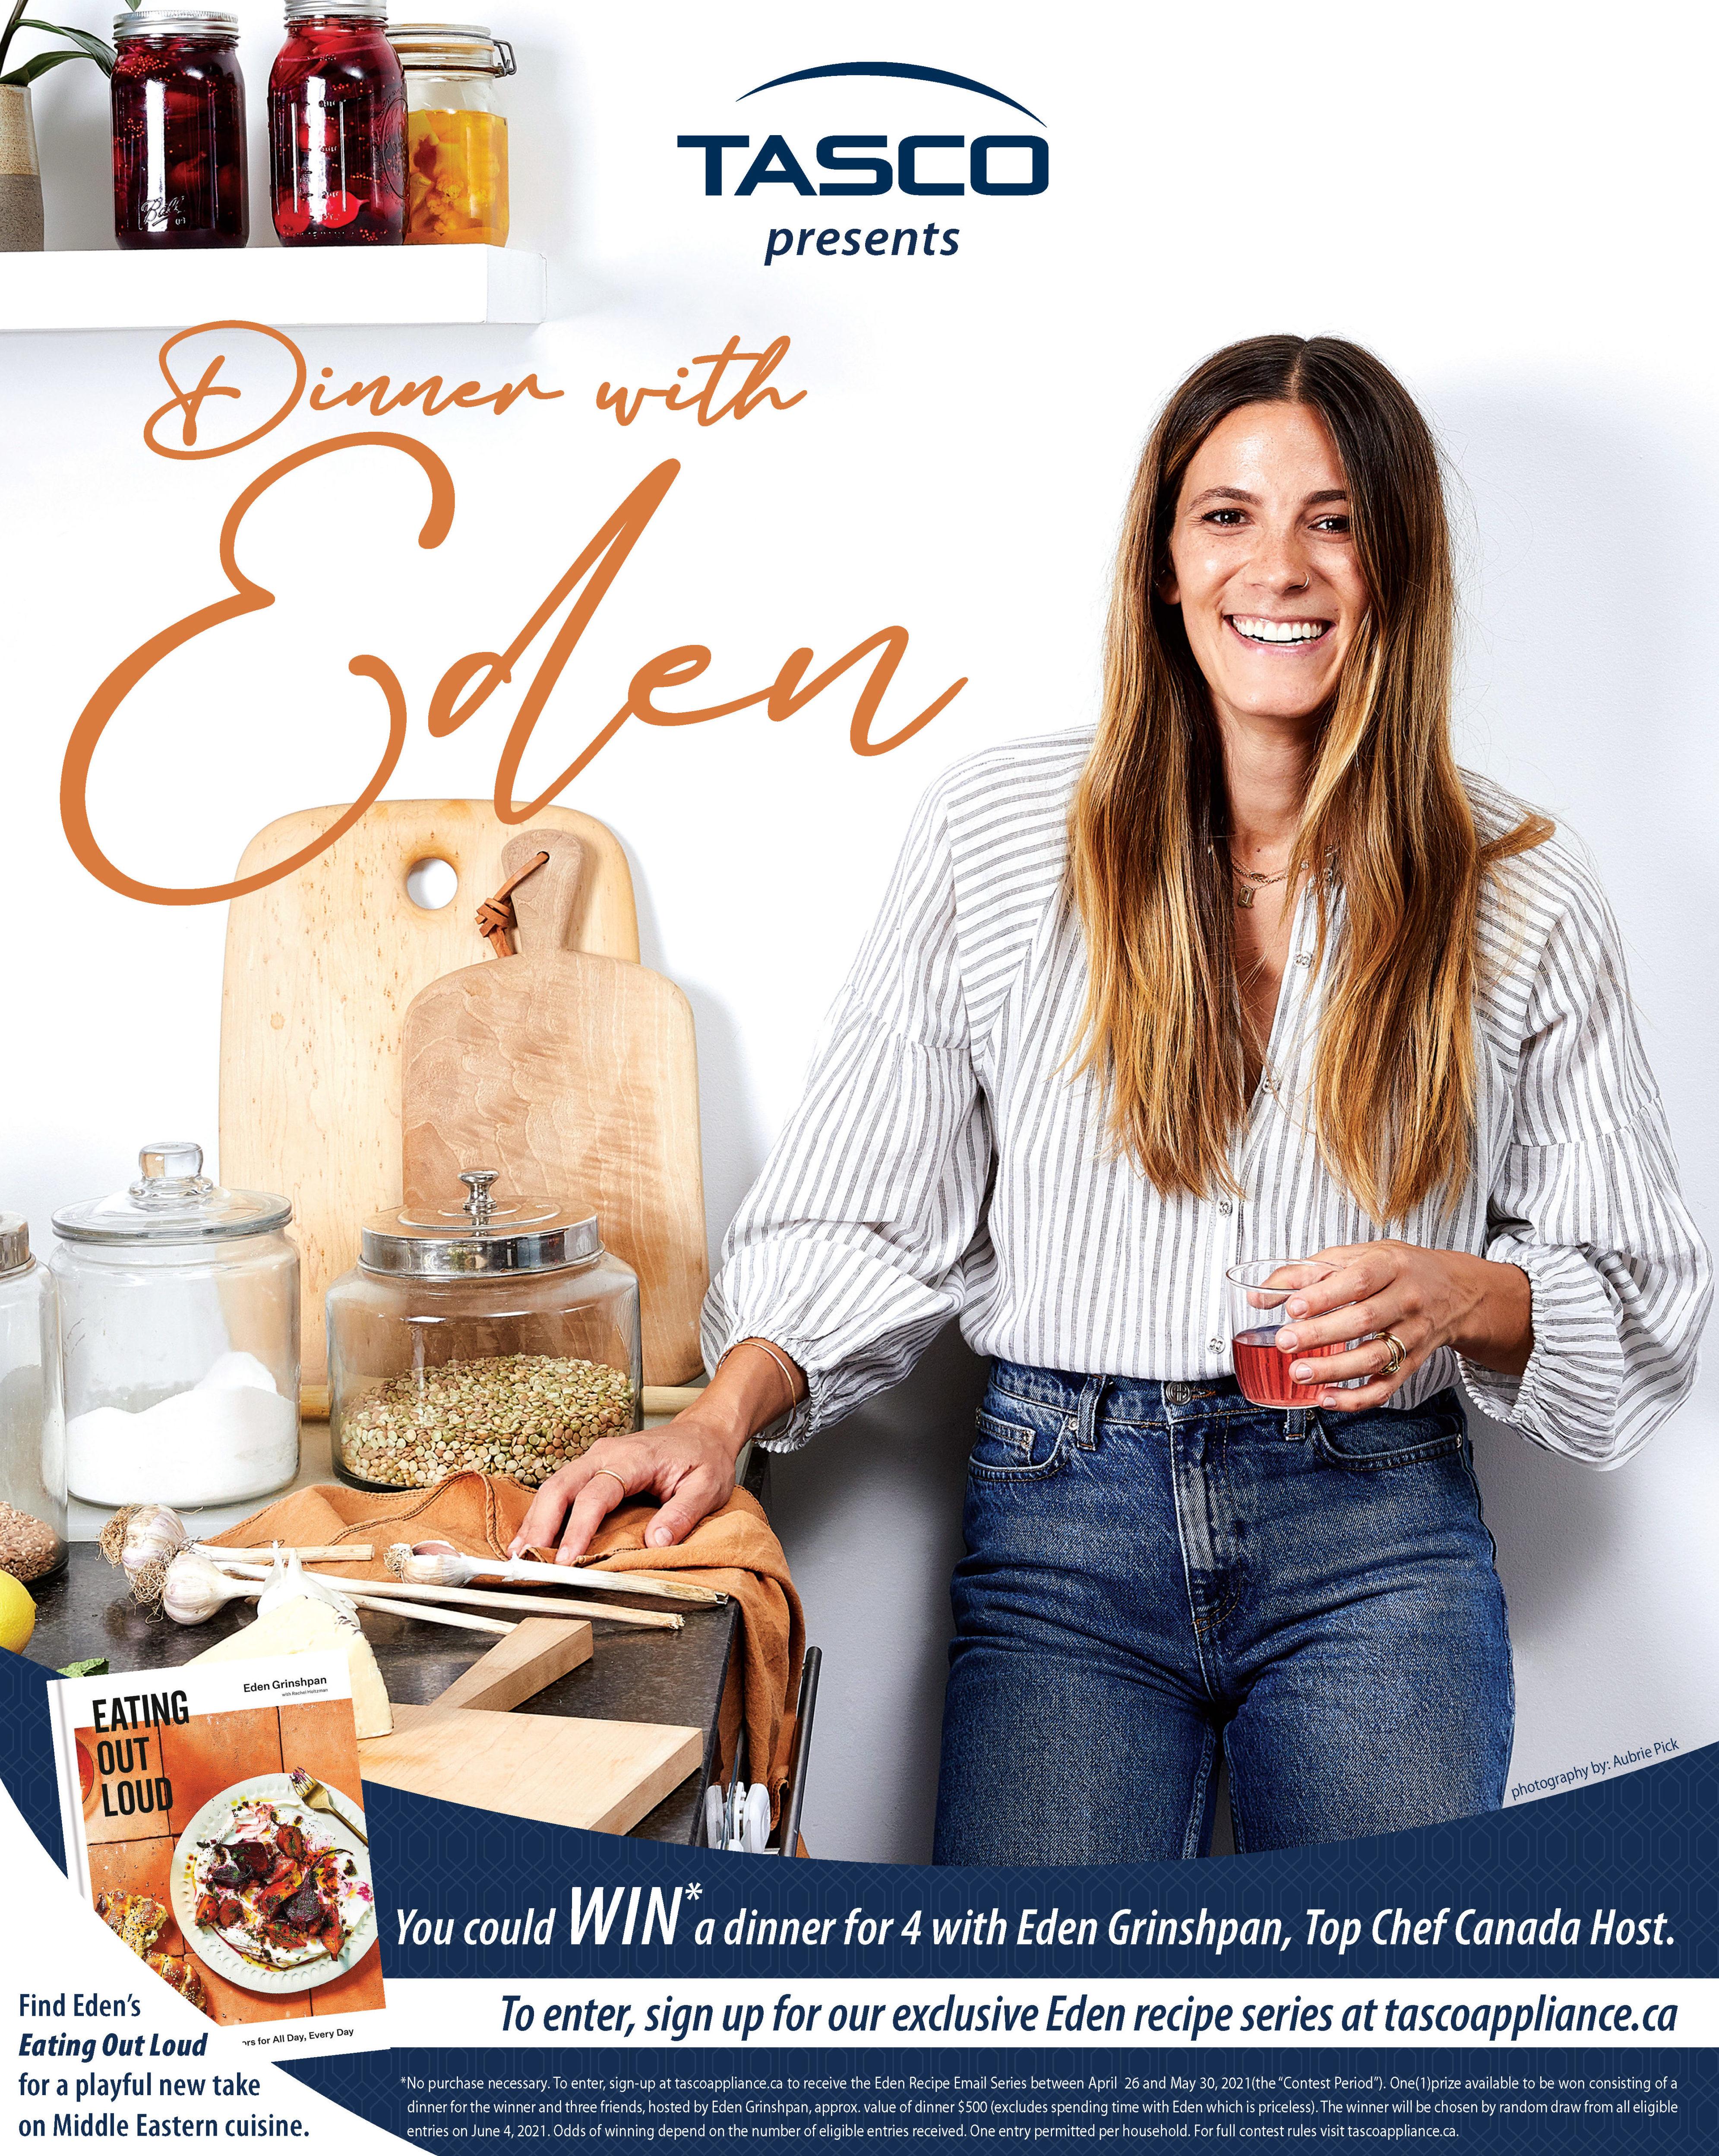 Dinner with Eden